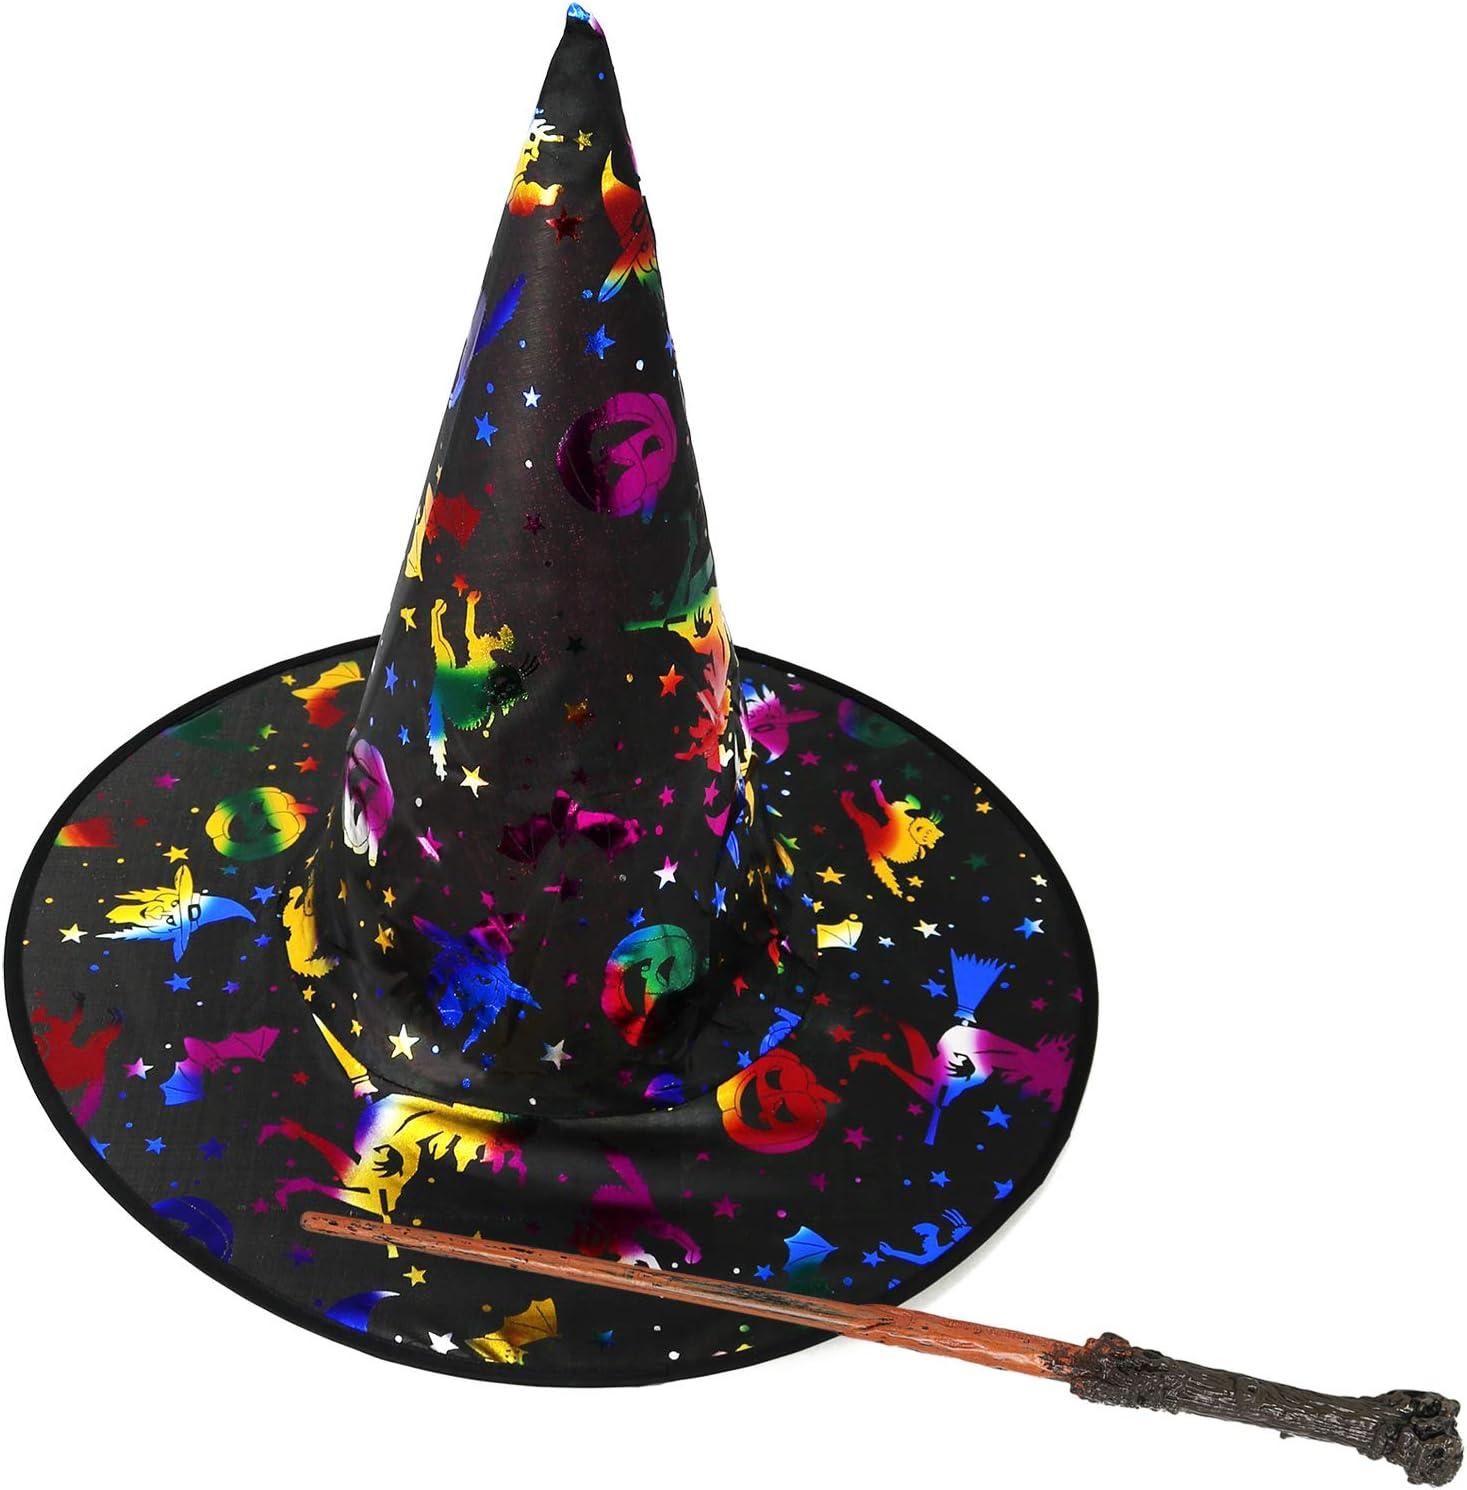 com-four® Conjunto de Disfraces de 2 Piezas con Sombrero de Bruja y Varita para niños para Carnaval, Carnaval y Halloween (02 Piezas - Sombrero de Bruja + Varita)